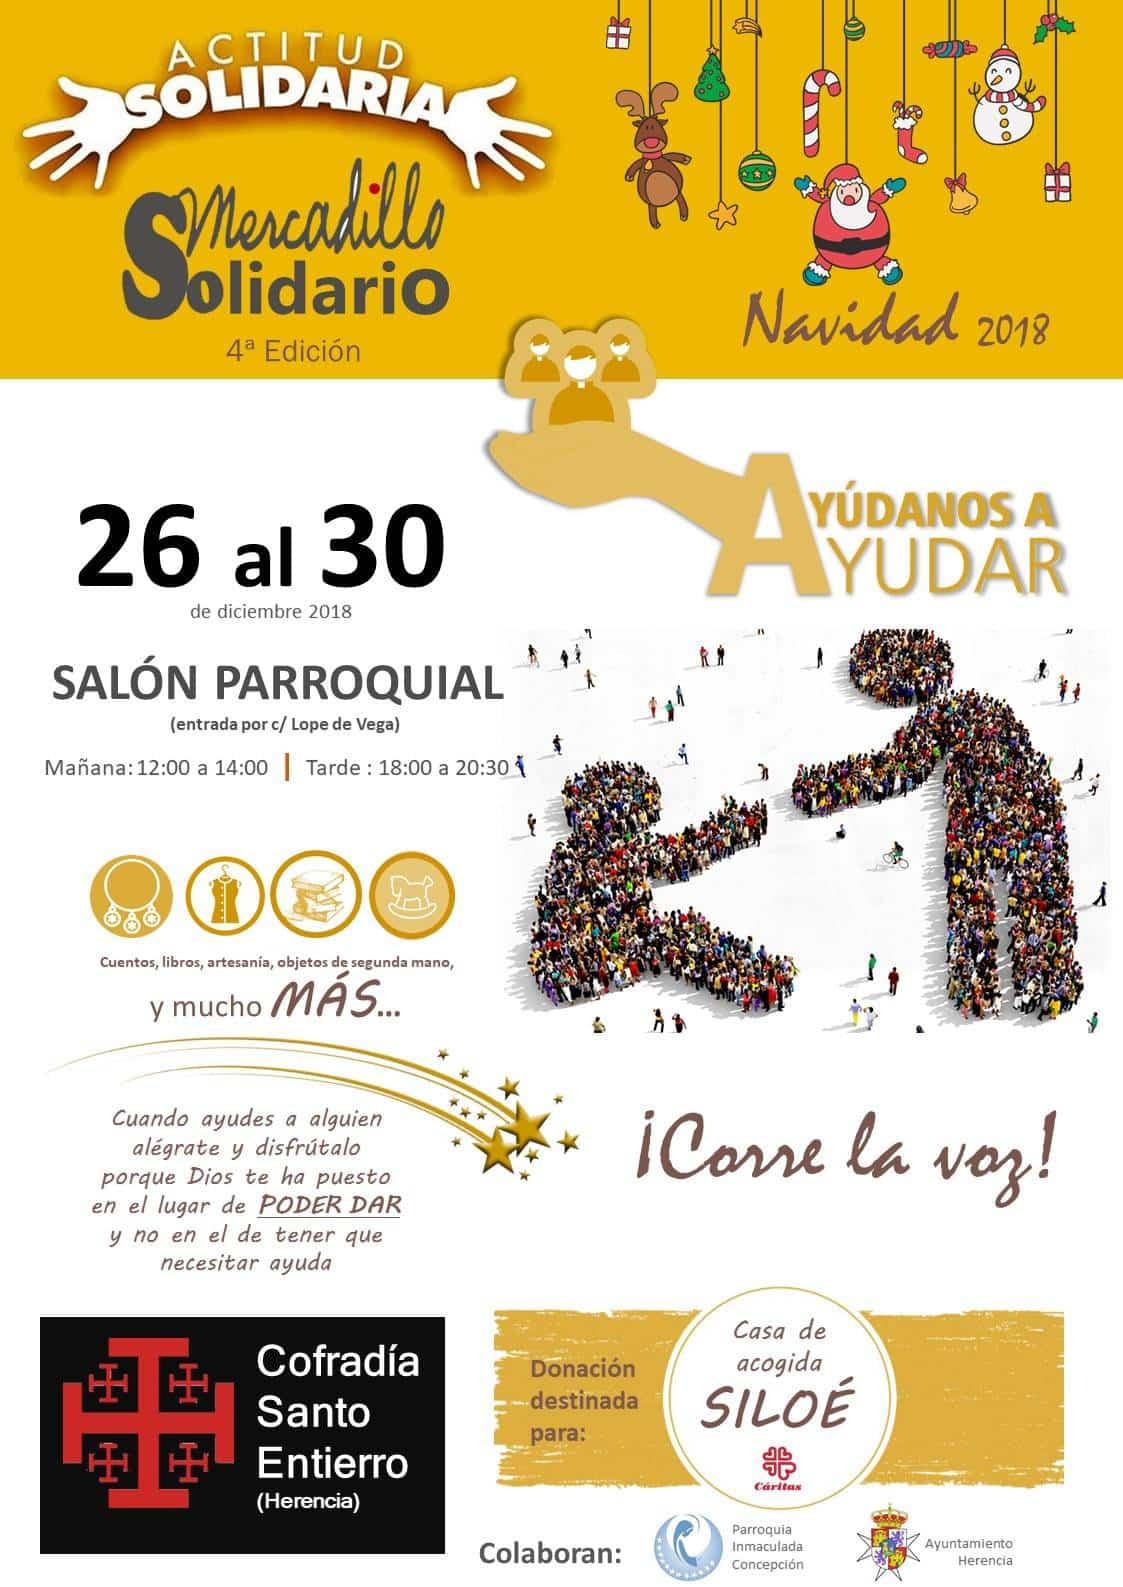 IV mercadillo solidario del Santo Entierro - La Cofradía del Santo Entierro prepara su cuarto mercadillo solidario